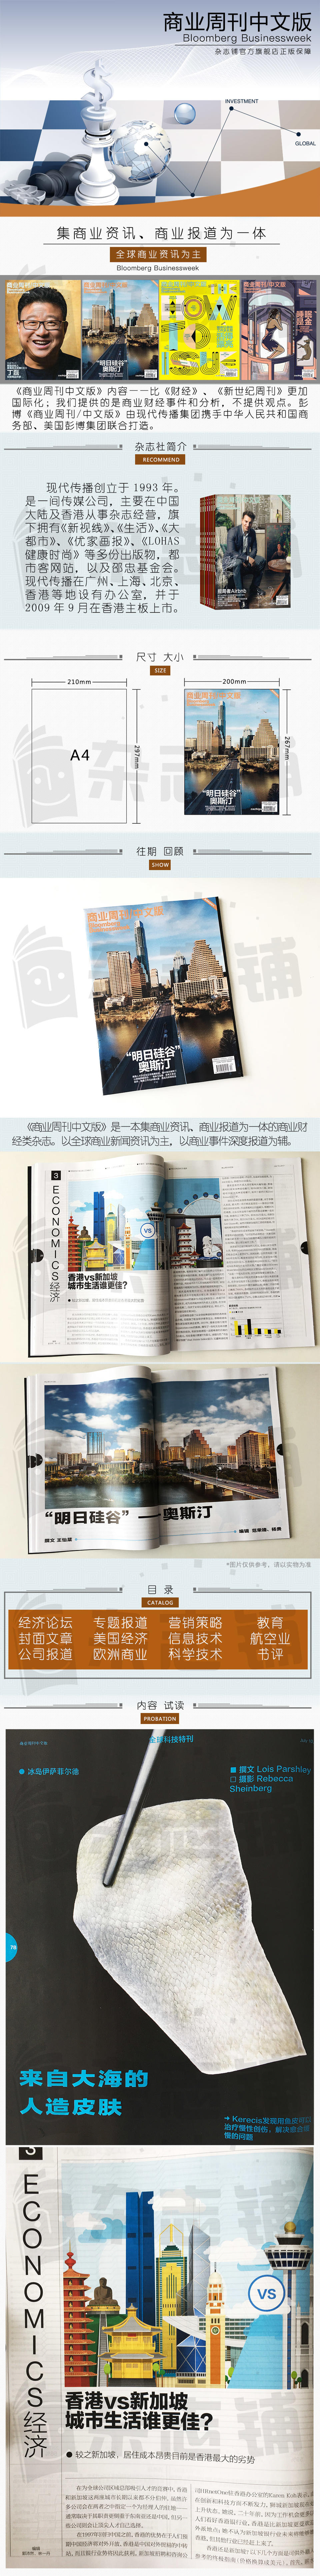 彭 博 商业 周刊 中文 版